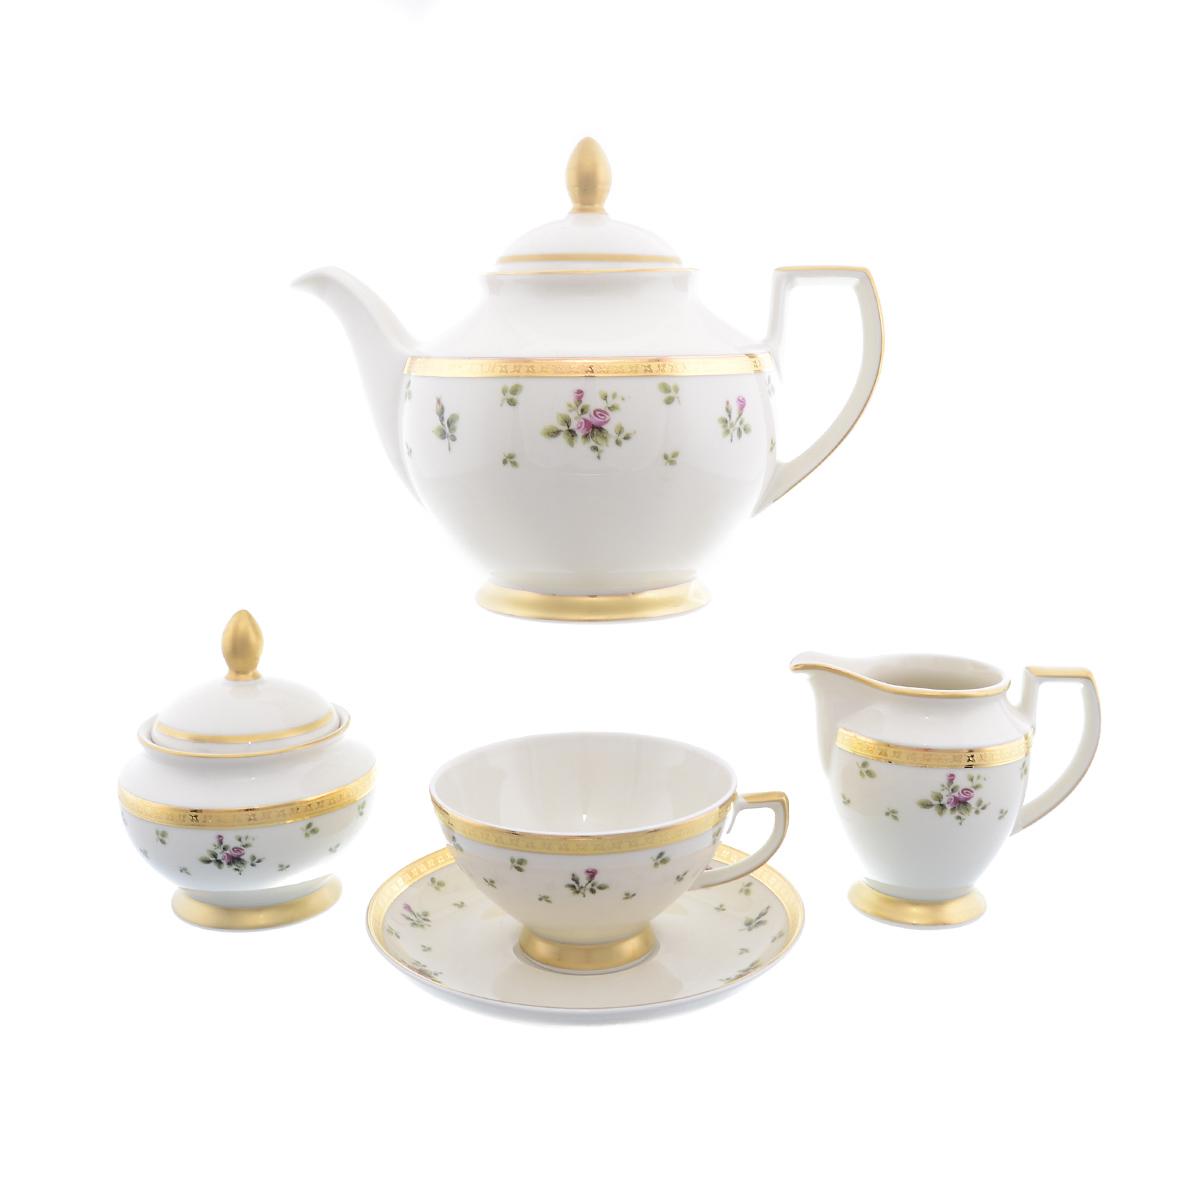 Чайный сервиз constanza cream primavera gold